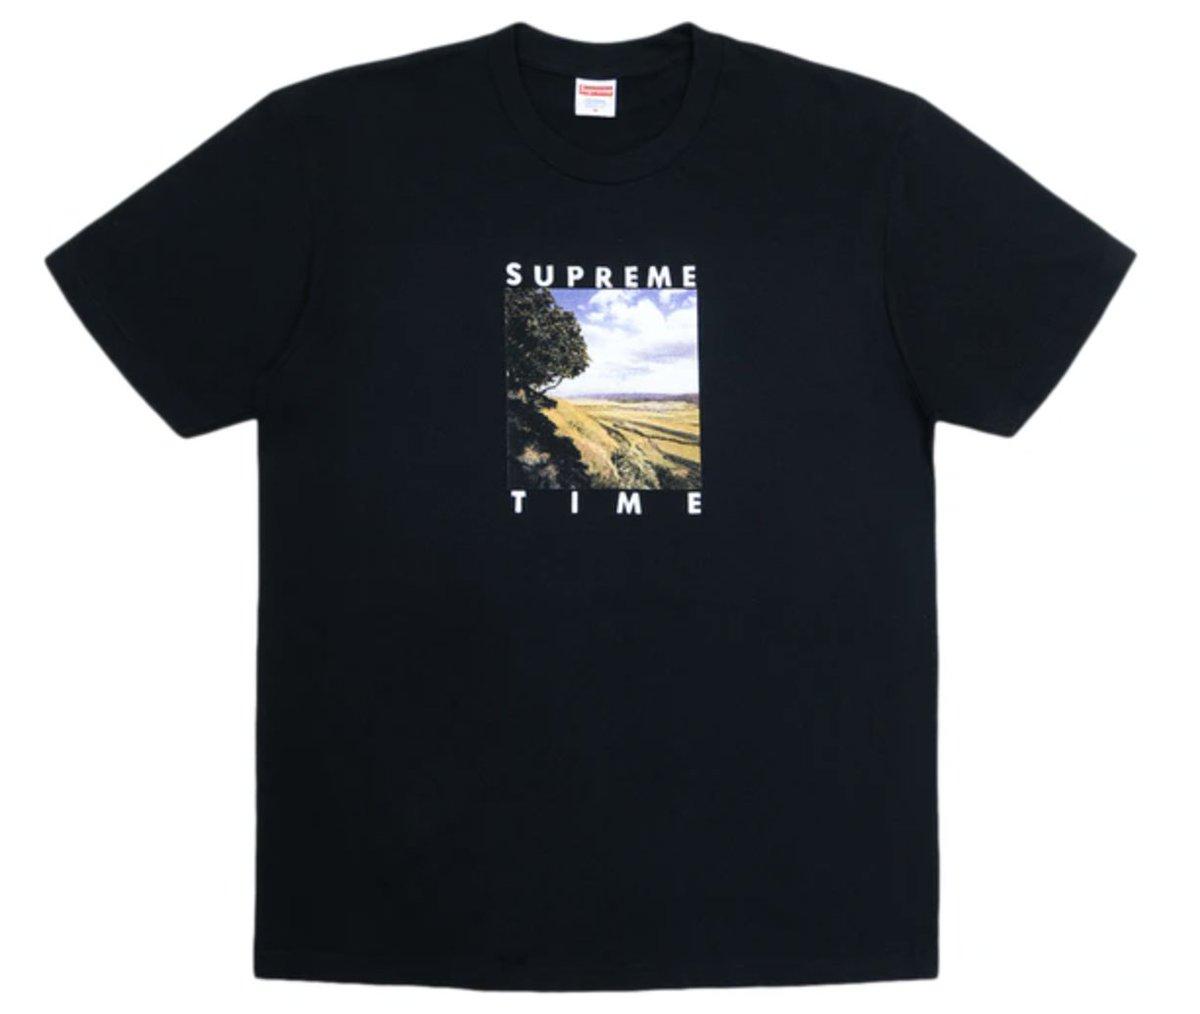 ARASHI's Diary -Voyage- #15松本潤くん 私服 Tシャツ潤くんがsoloistの黒マスクをしてるシーンで着ていたSupremeの黒のTシャツ。やっと見つかりました!草原の中の丘みたいなフォトプリント。#松本潤 #嵐 #ARASHI